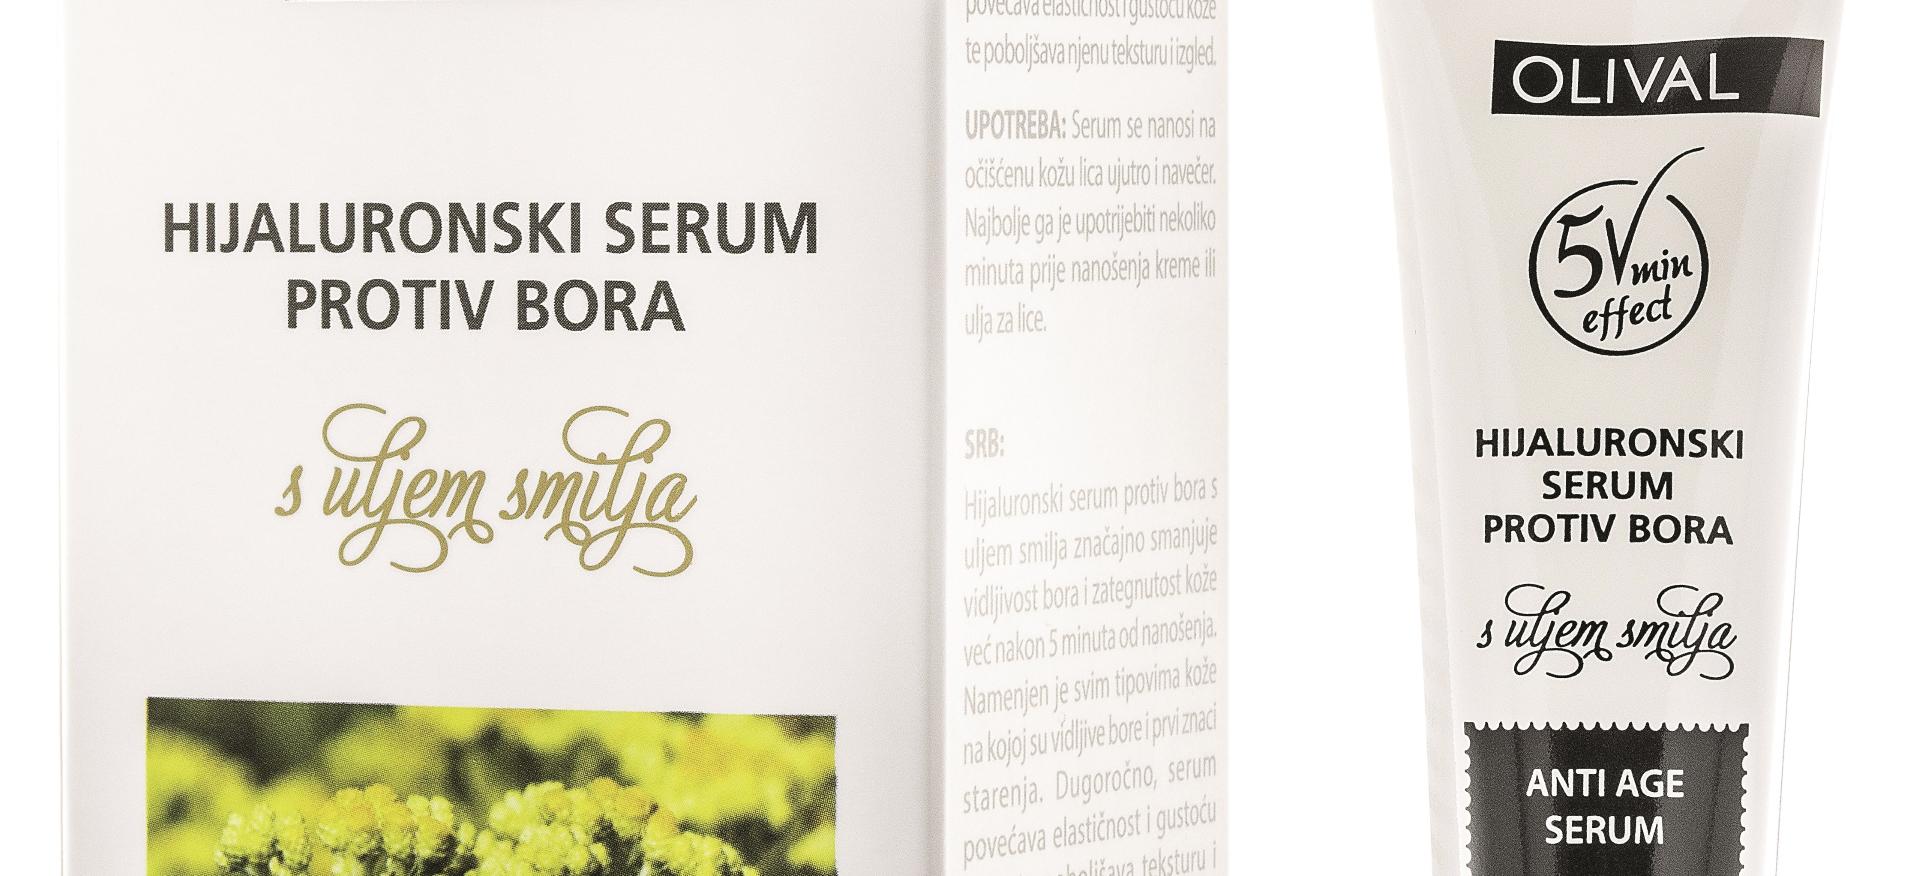 Serum protiv bora s uljem smilja